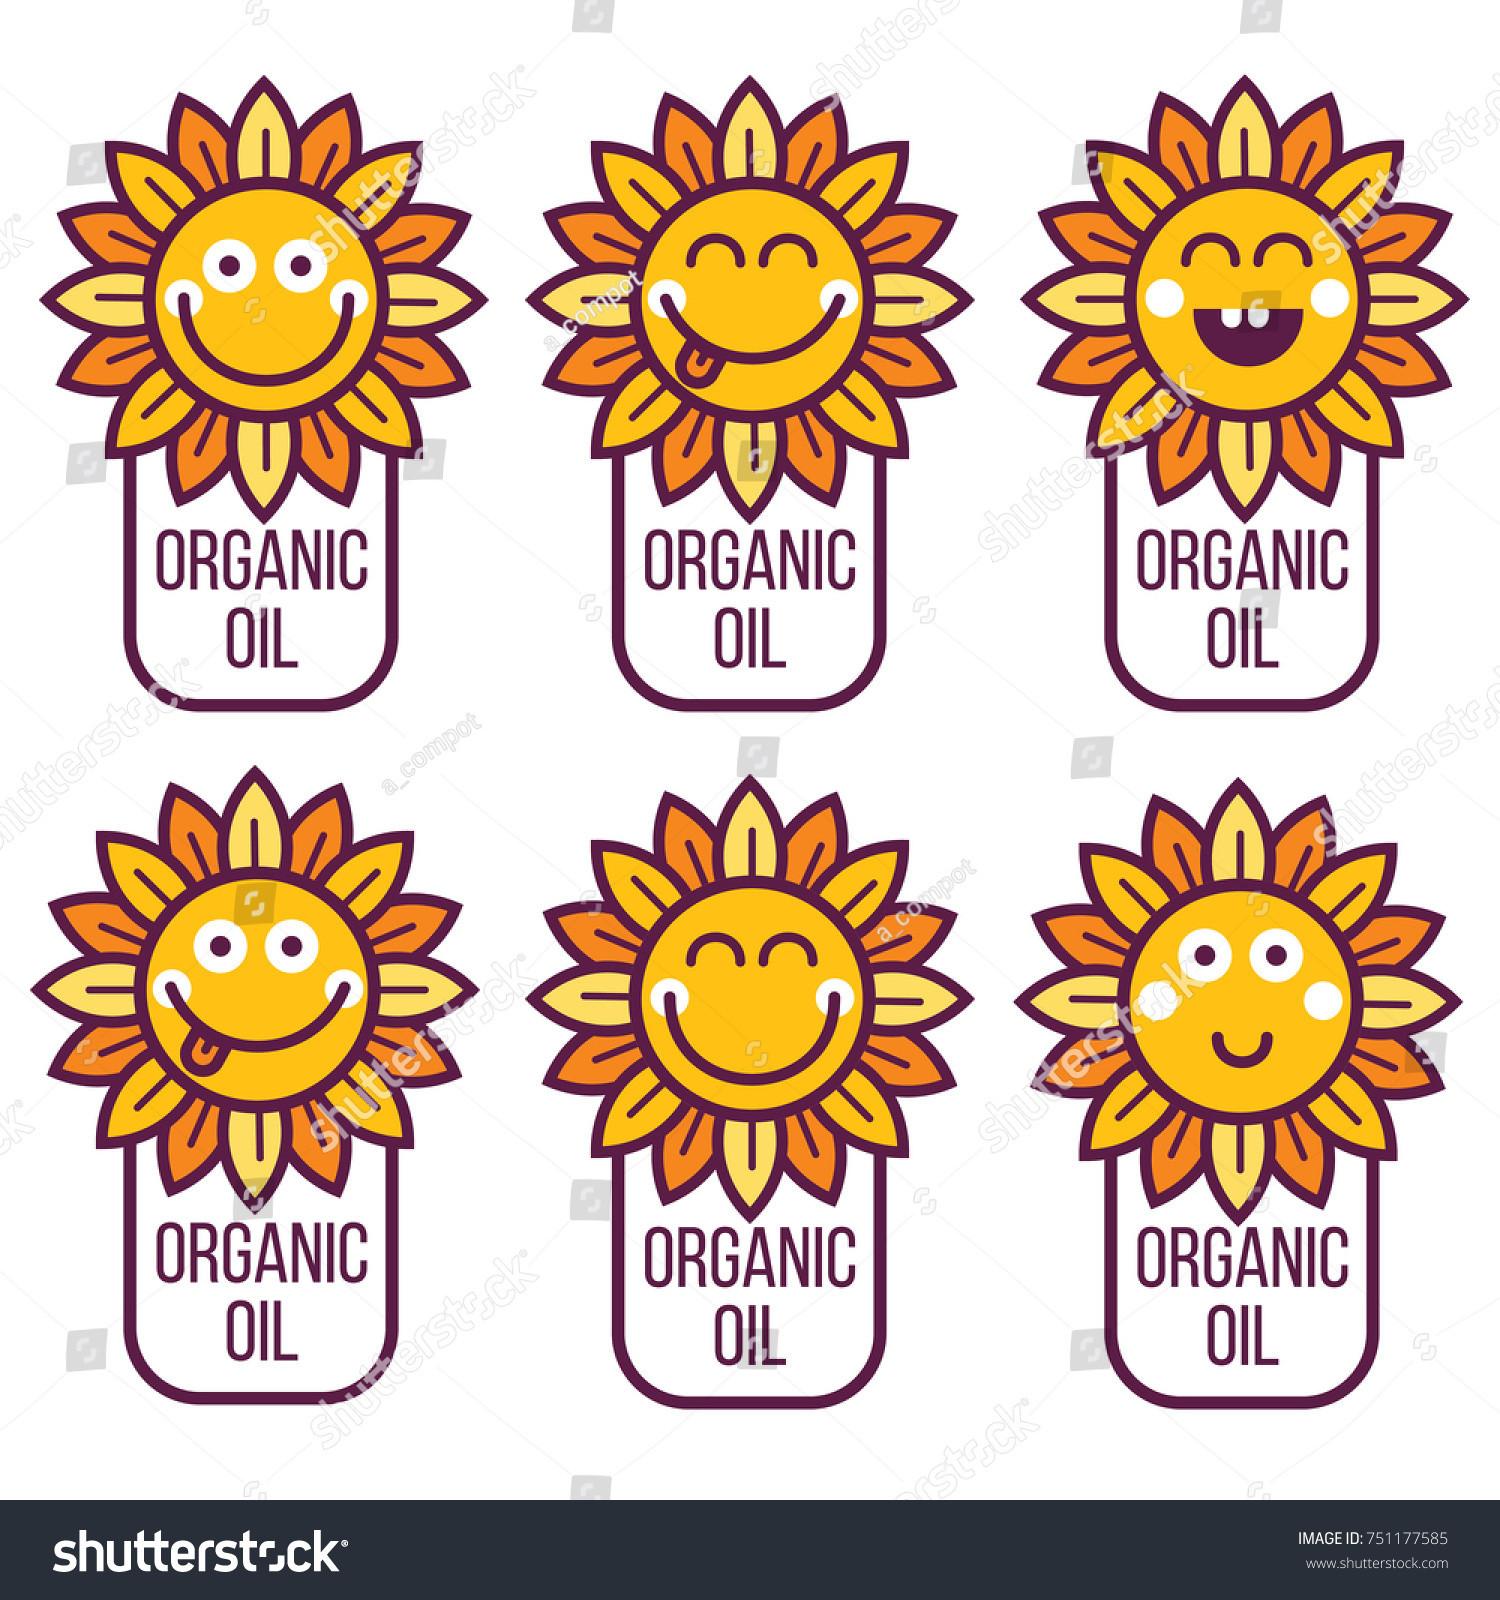 Sunflower emoticon set Card sticker label icon avatar logo element